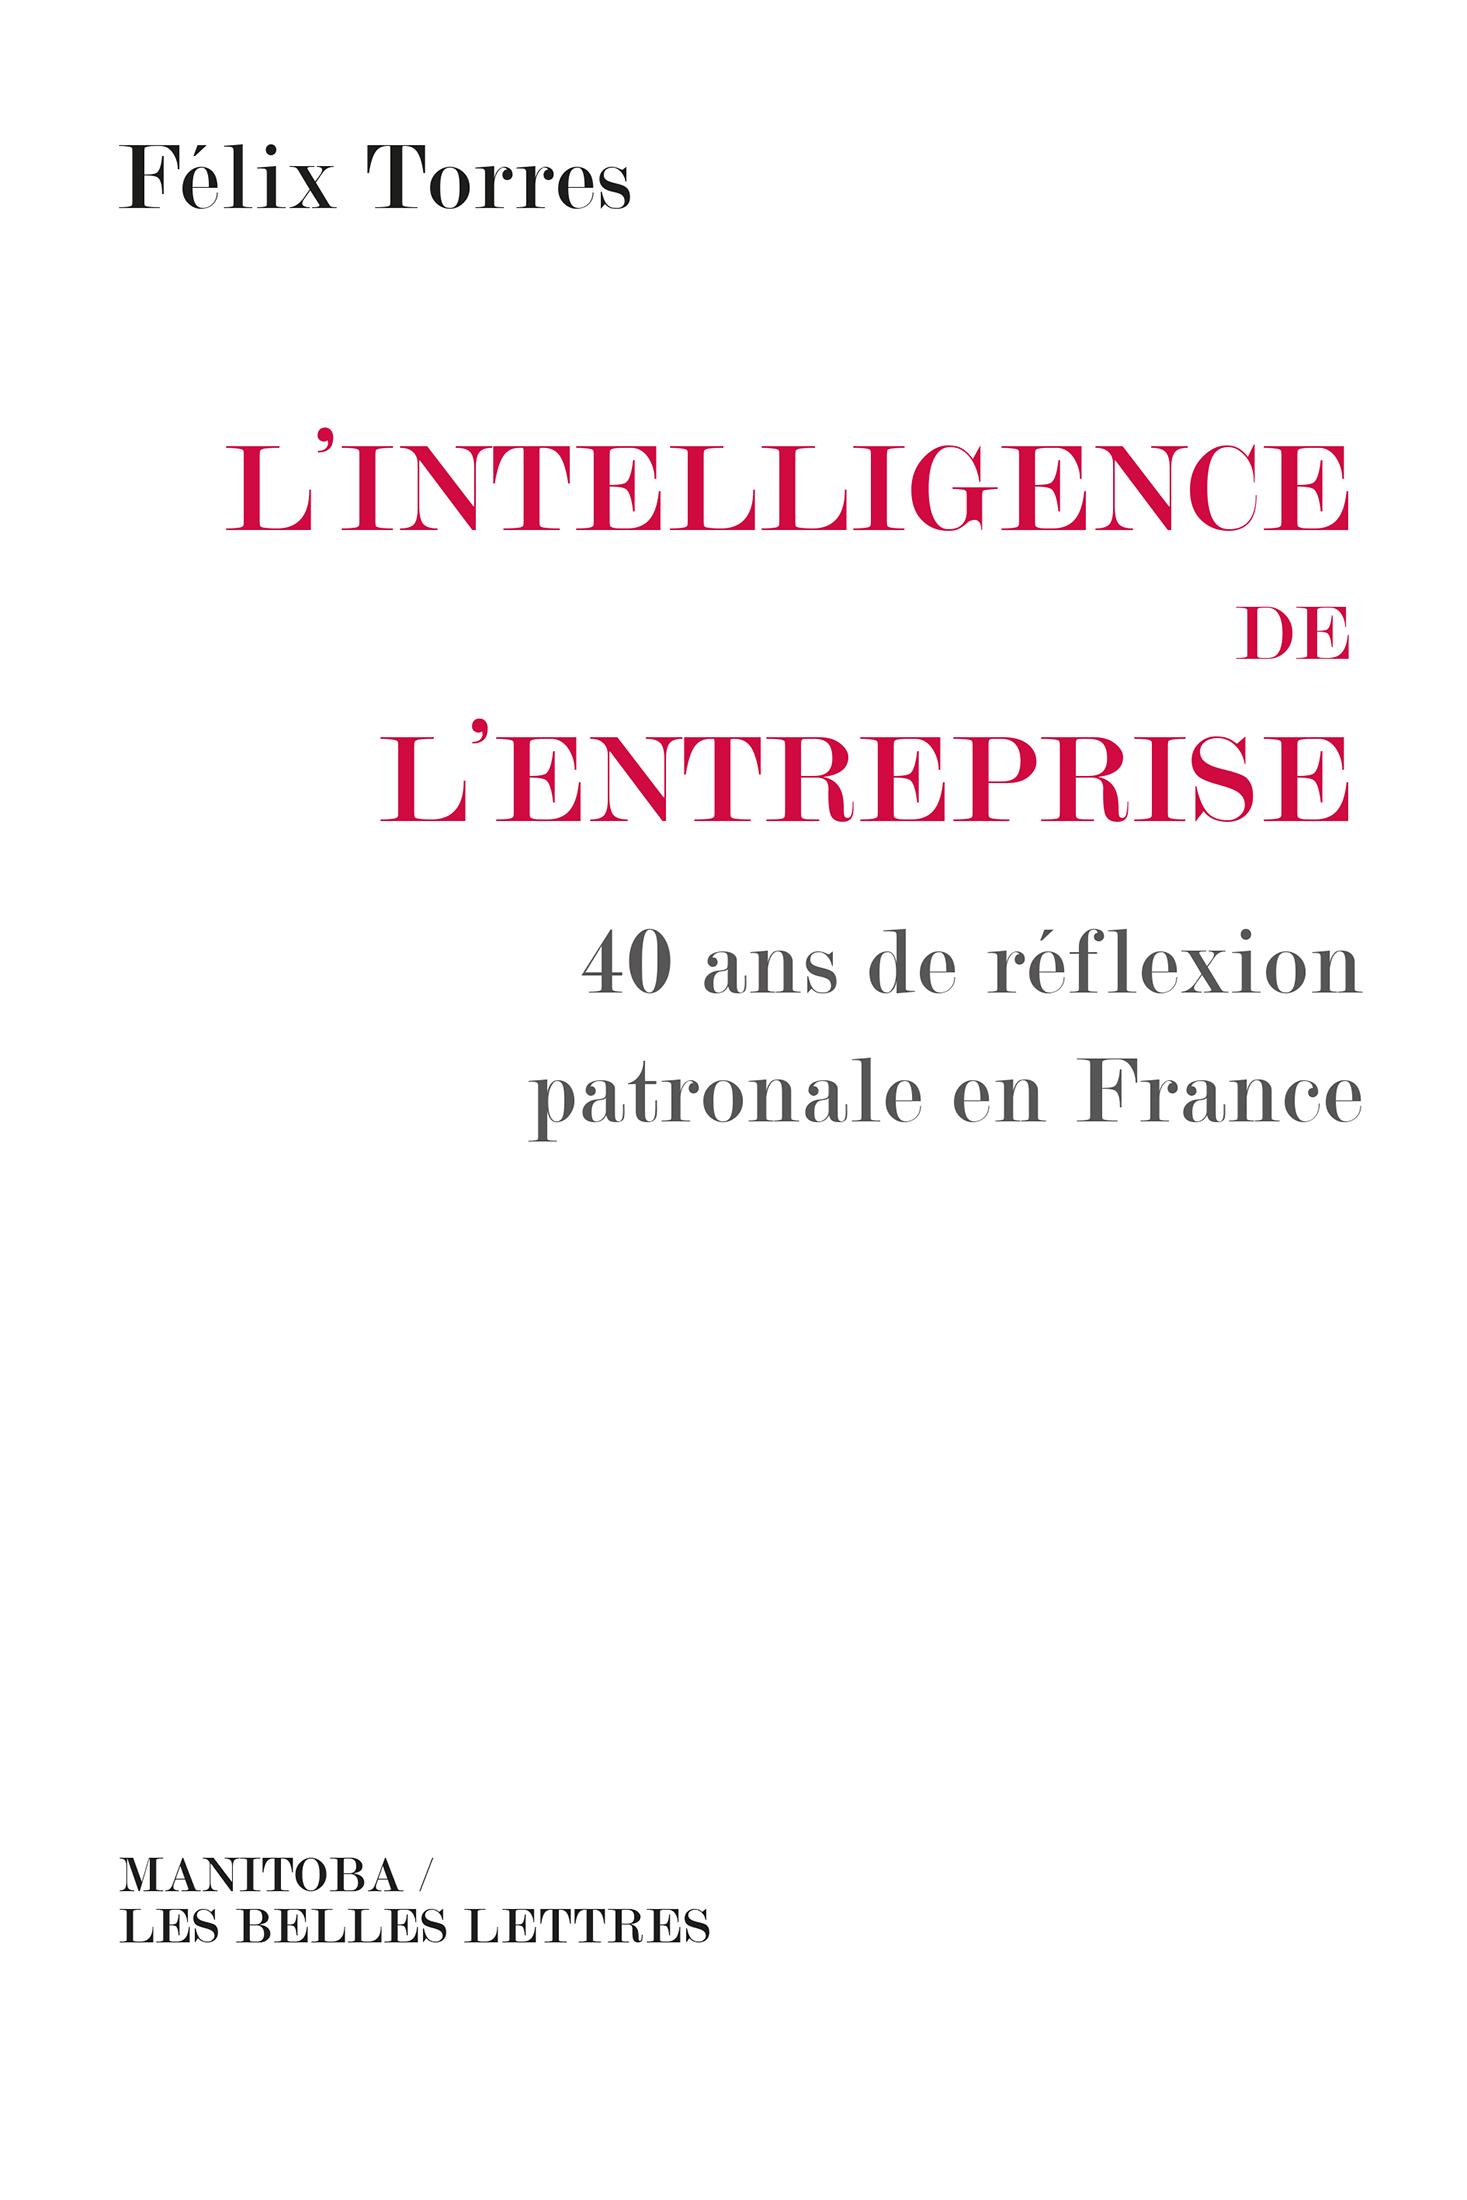 L'Intelligence de l'entreprise